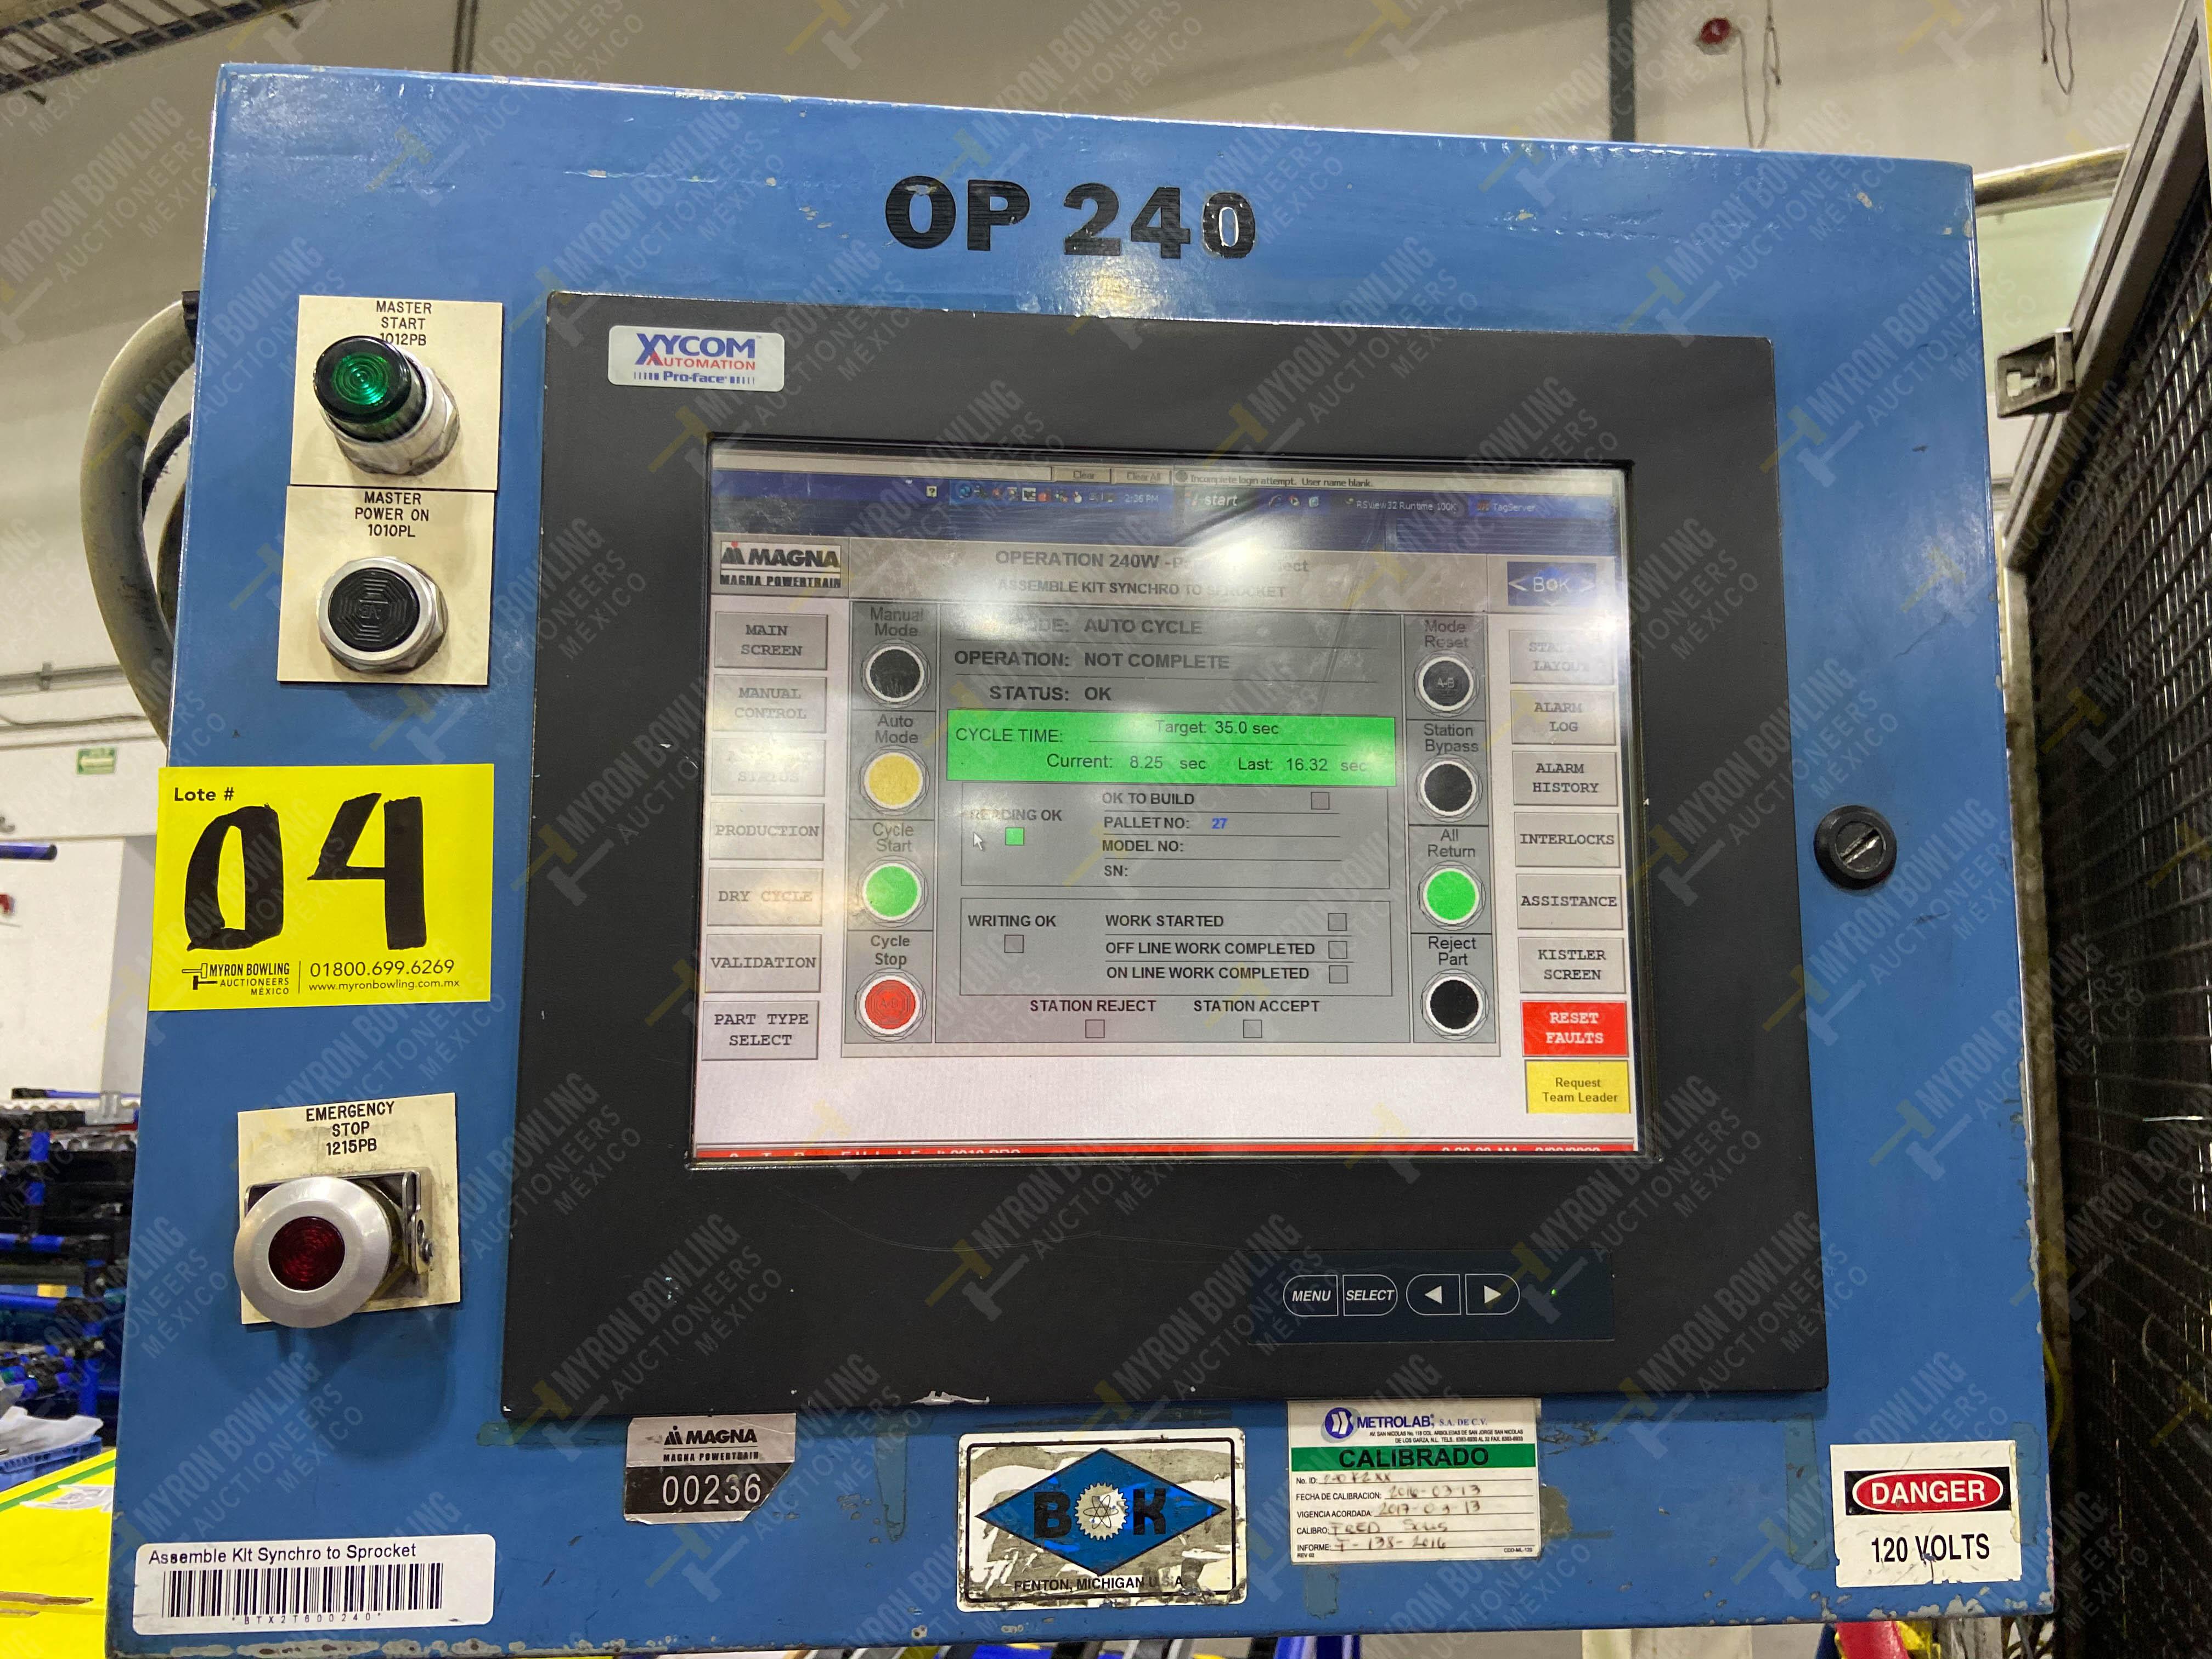 Estación semiautomática para operación 240A de ensamble de balero - Image 26 of 29